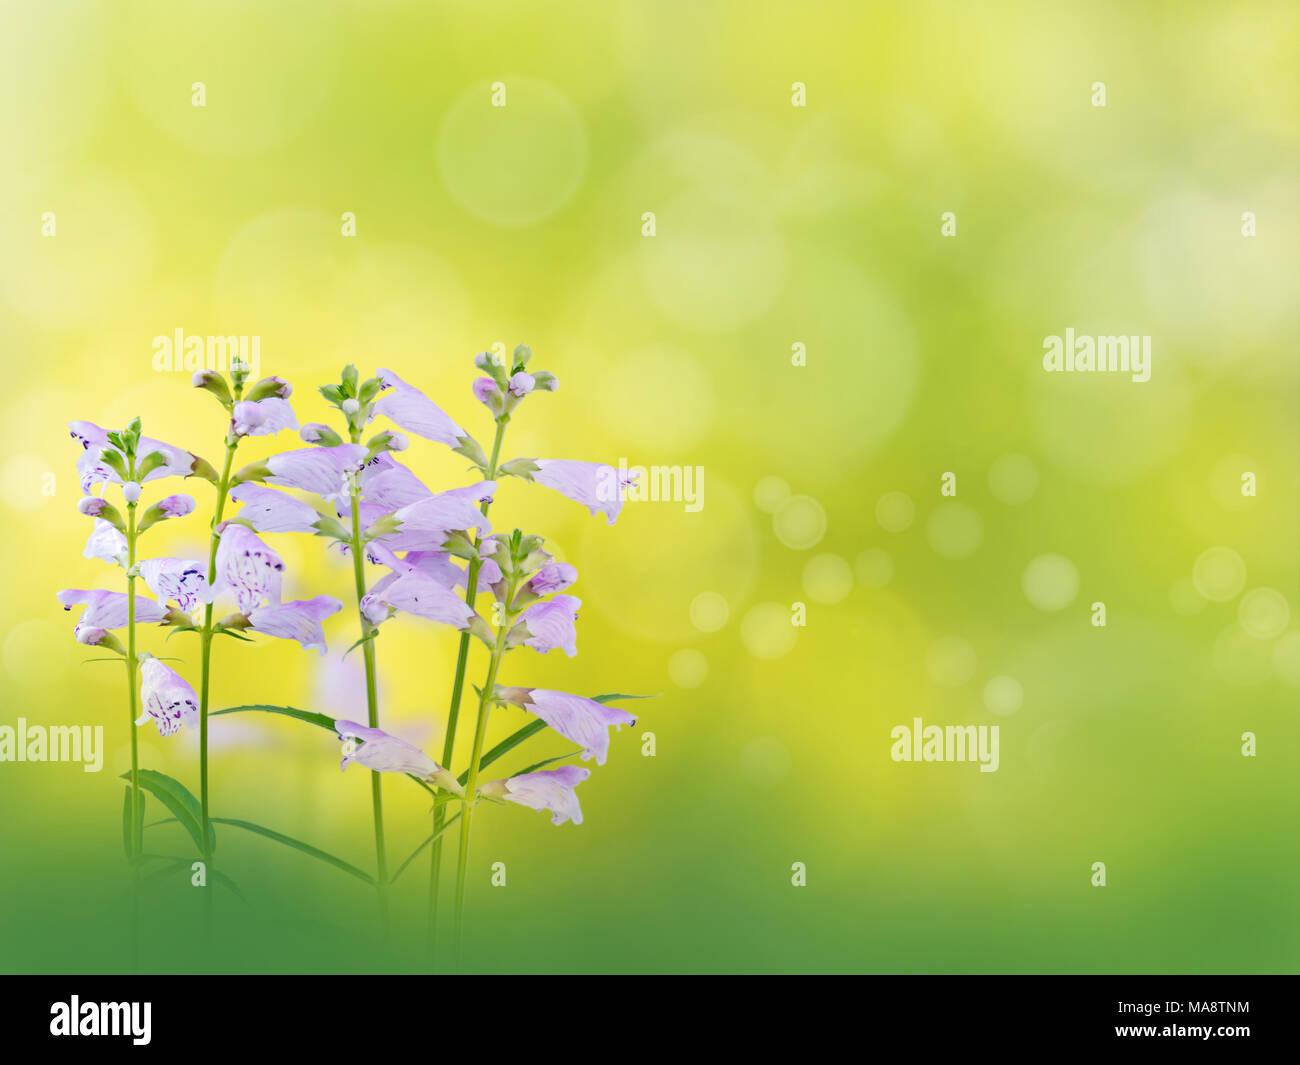 Bella Luce Fiori Viola In Estate Il Giardino Sfocata Sfondodesktop